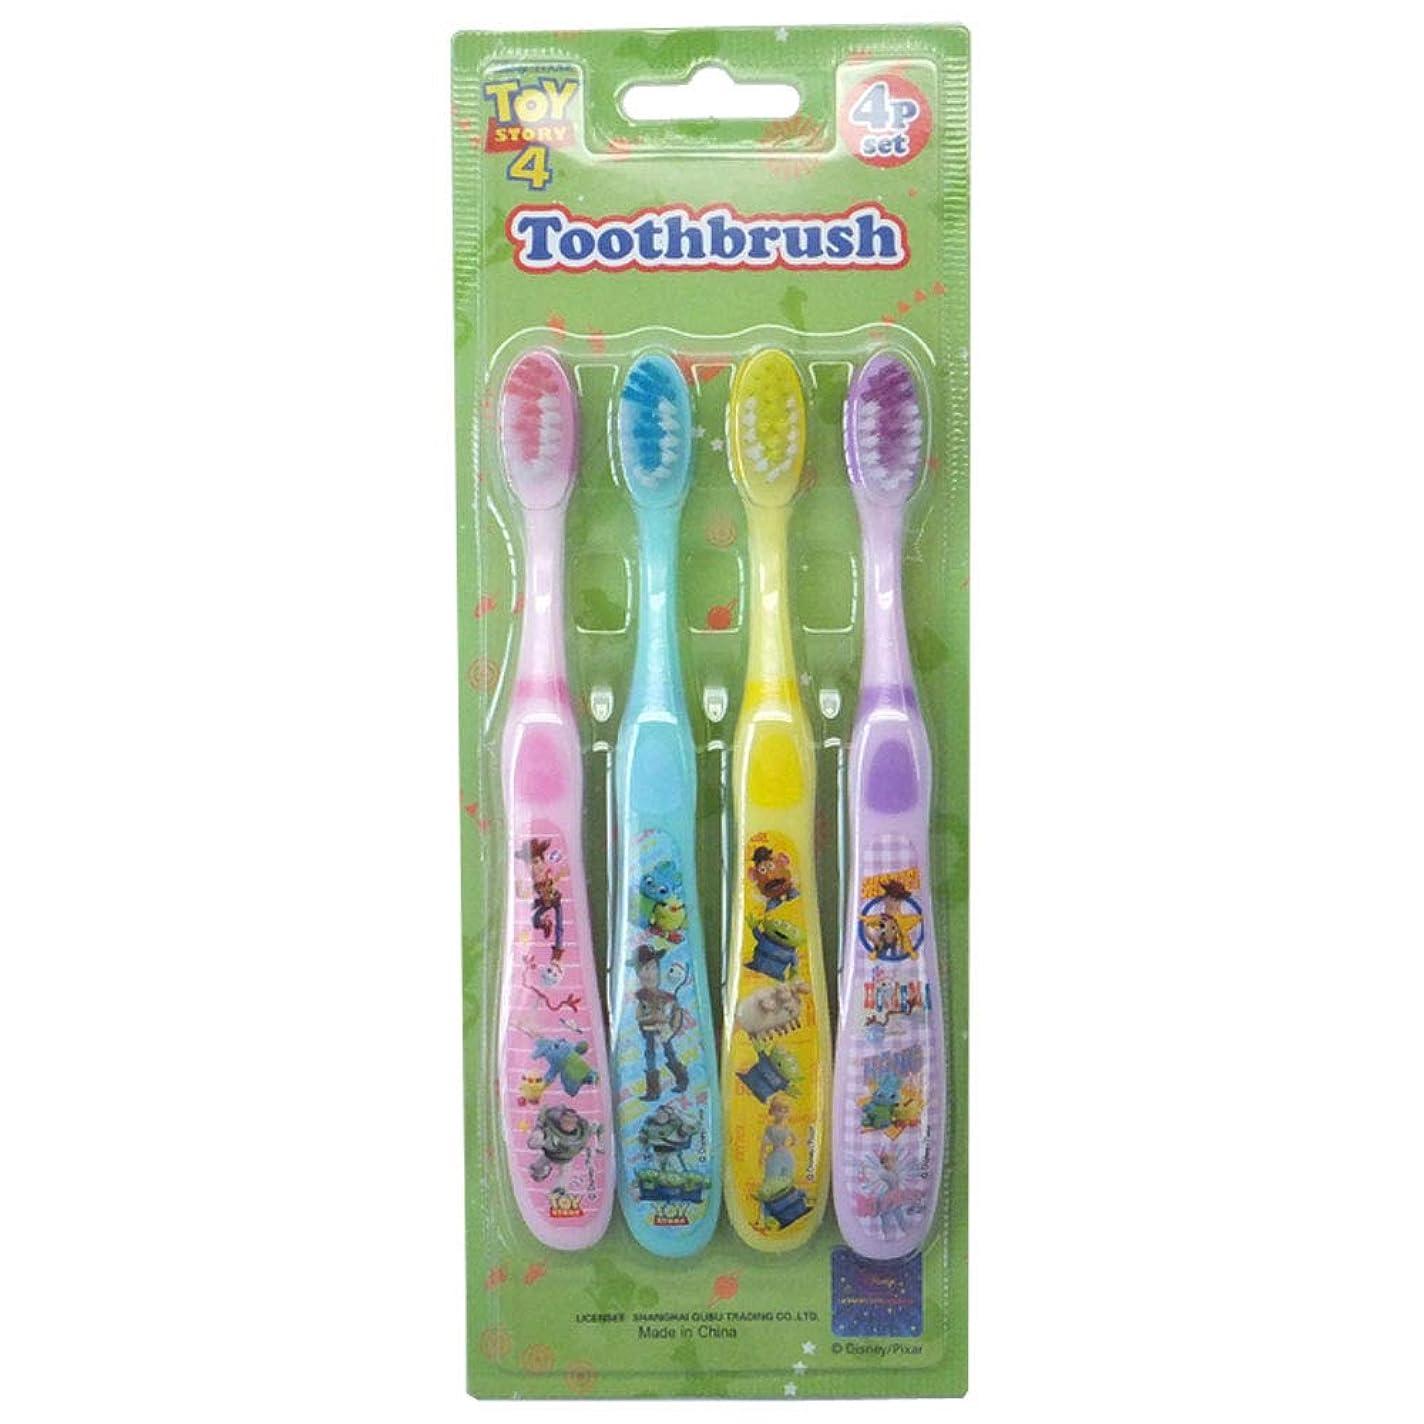 収束層混乱させる歯ブラシ4Pセット 26911-12(12/トイストーリー) キャラクター Disney ディズニー オーラルケア 歯磨き 洗面所 子供 キッズ